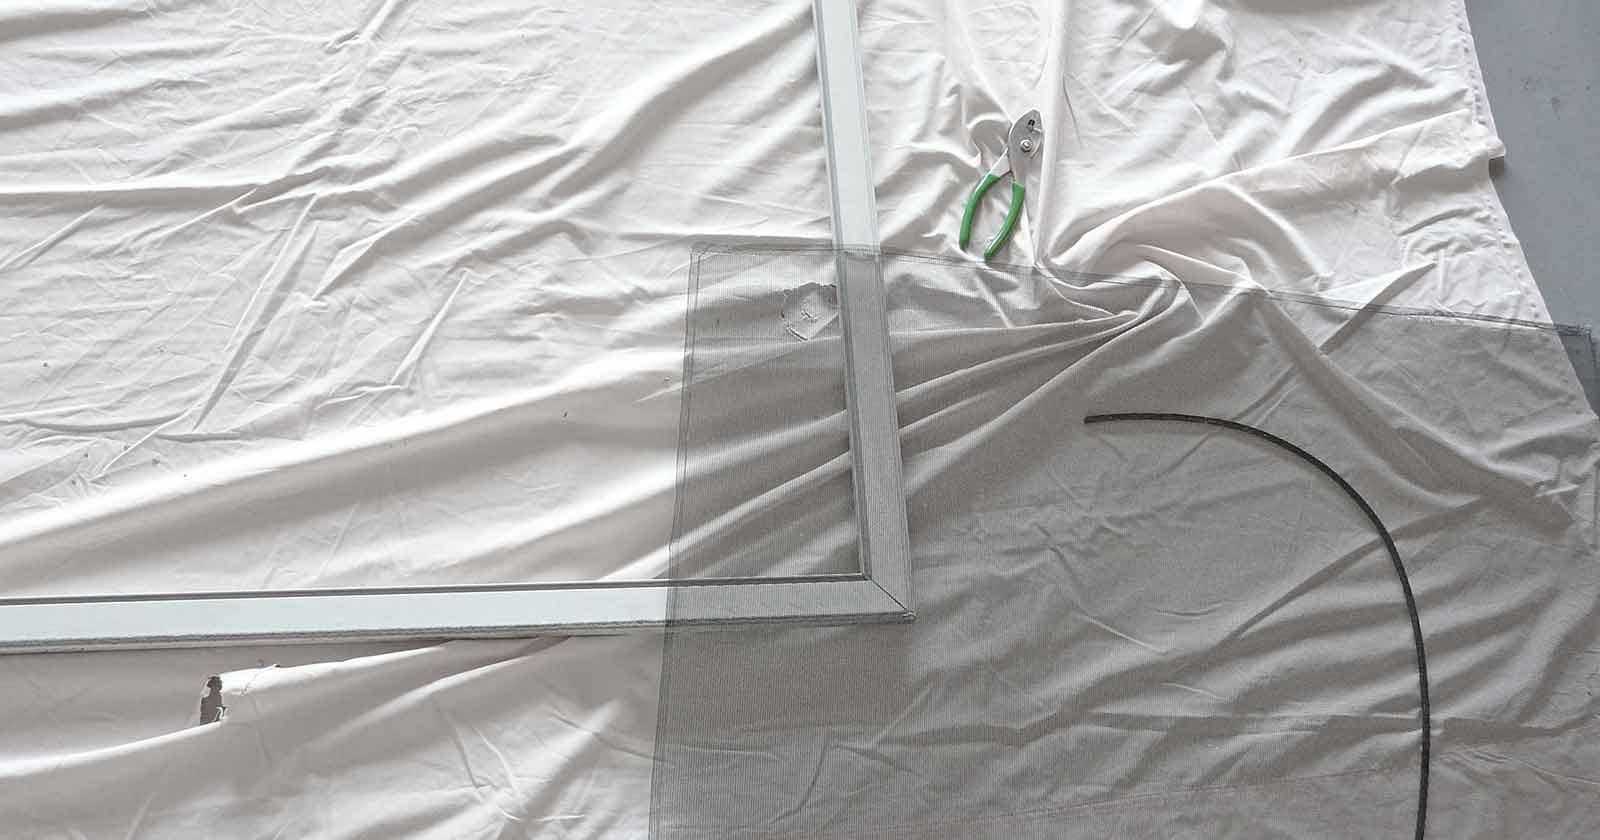 DIY mesh pool screen repair or hire a pro